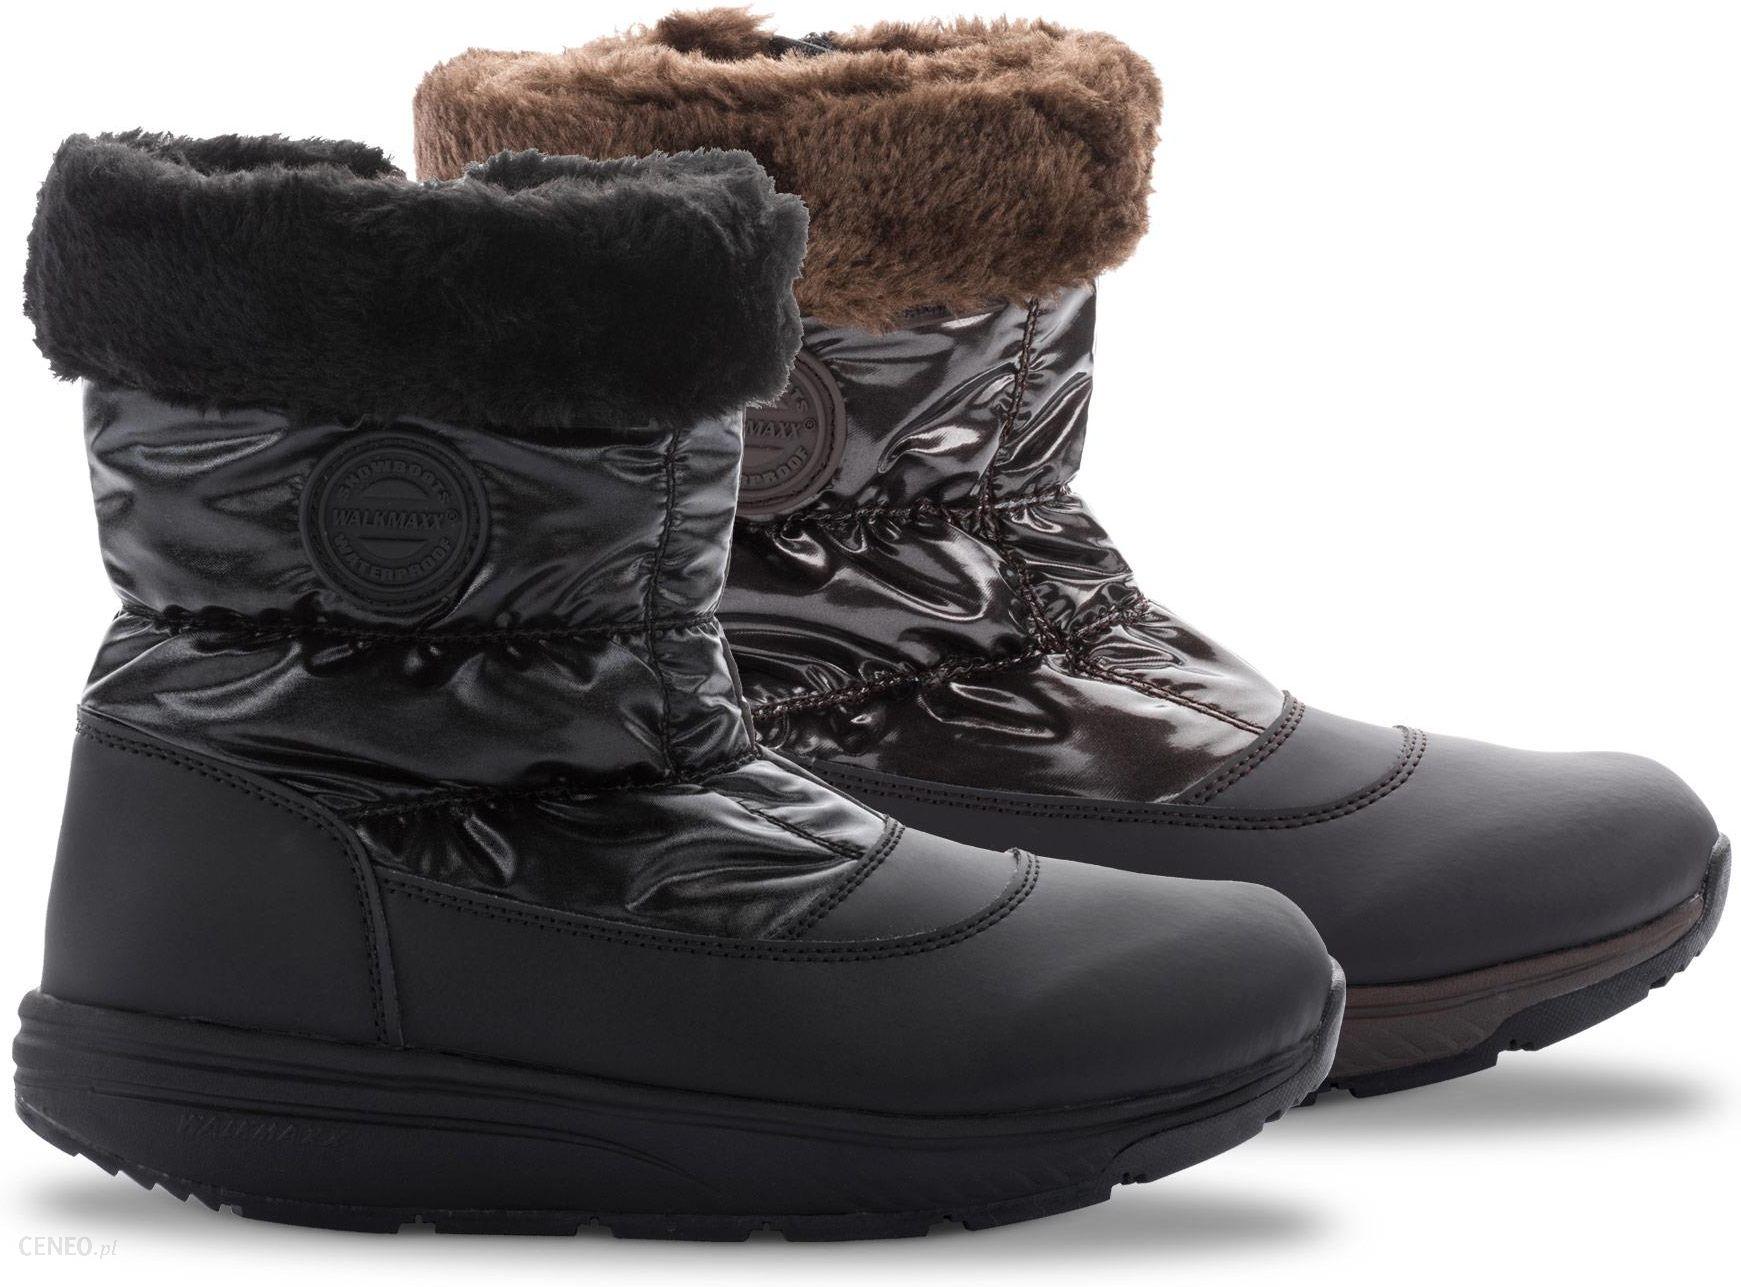 e2132f3c Niskie damskie buty zimowe 3.0 Walkmaxx Comfort Walkmaxx, 42, czarny -  zdjęcie 1